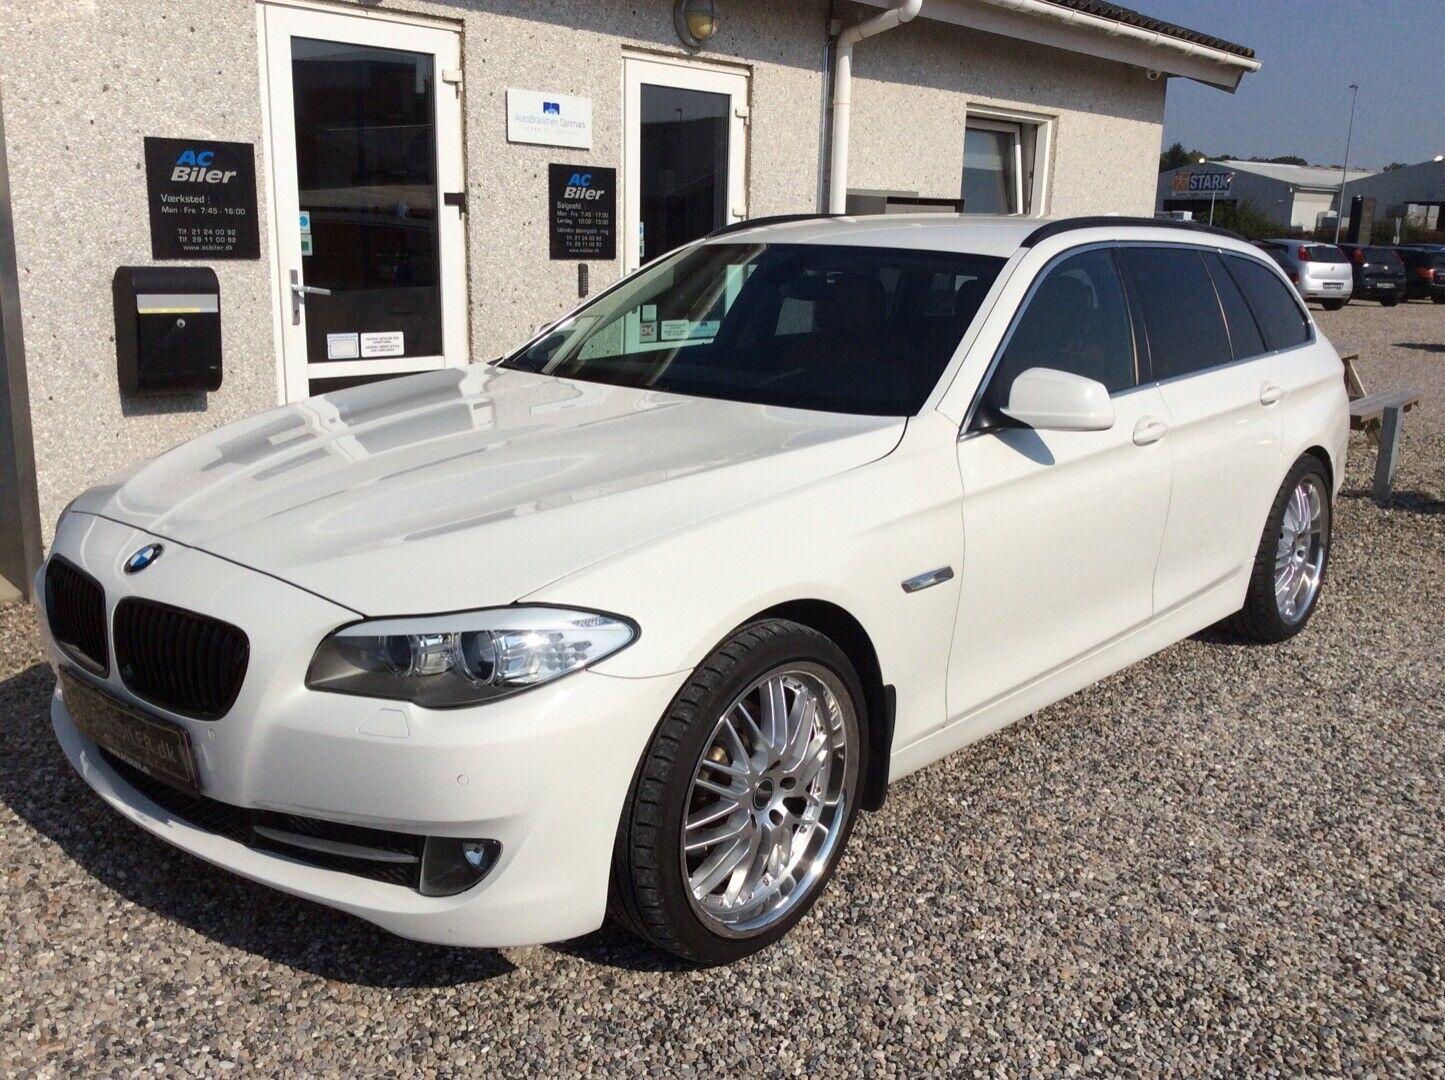 BMW 520d 2,0 Touring aut. 5d - 199.900 kr.